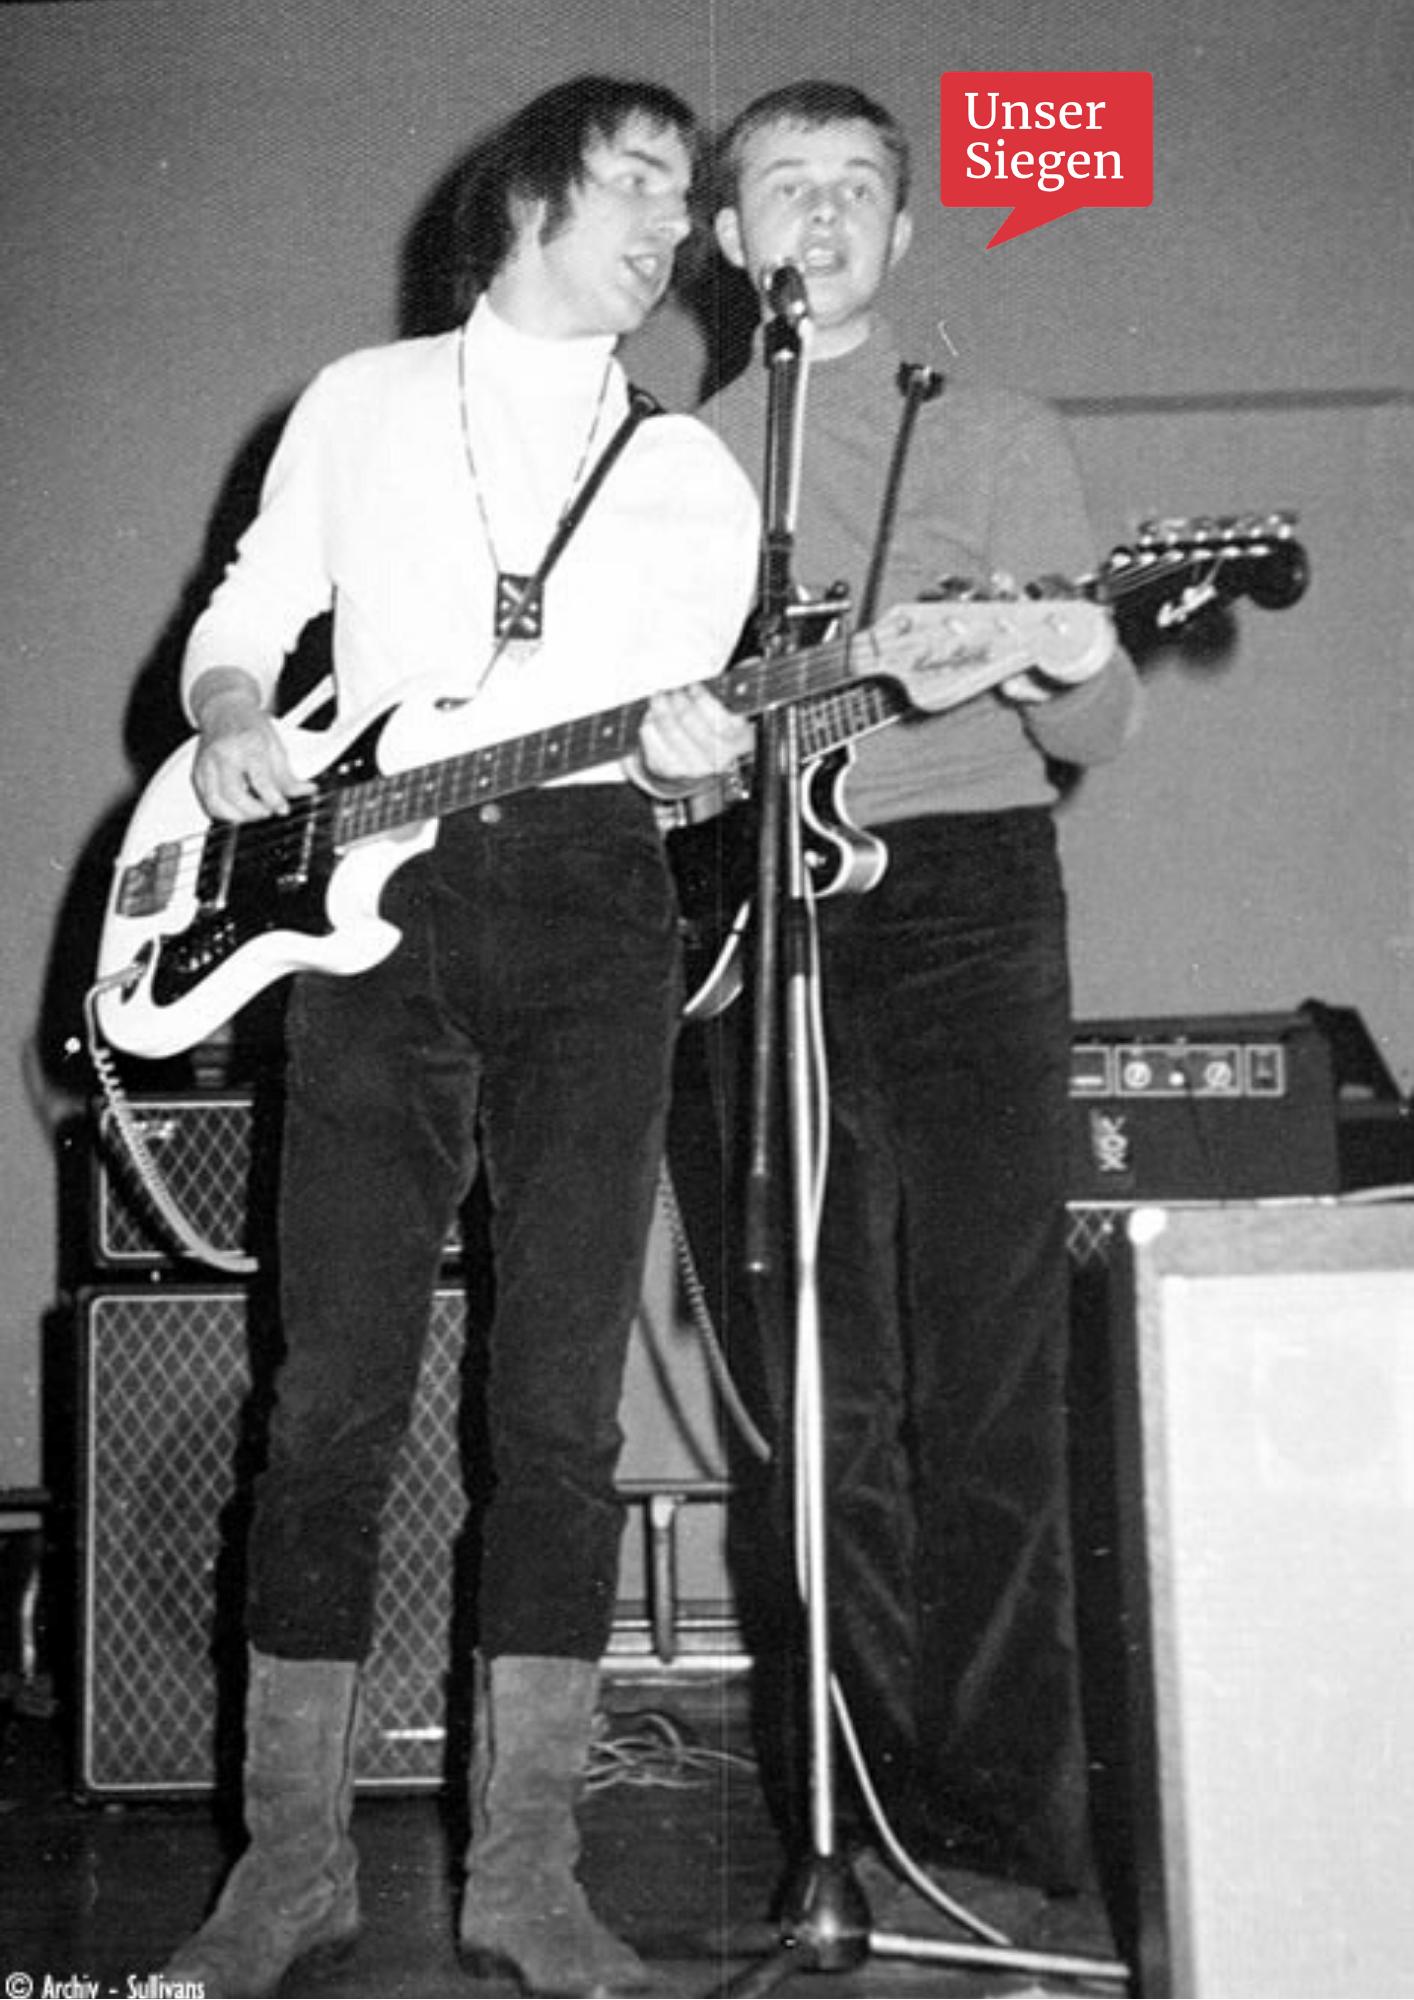 The Sullivans, eine Beatband aus Siegen. Schwarz-weiß-Foto aus den 1960ern, zwei Musiker mit Gitarre und Bass stehen vor einem Mikrofon und singen. Mit freundlicher Genehmigung von Wolfgang Thomas.